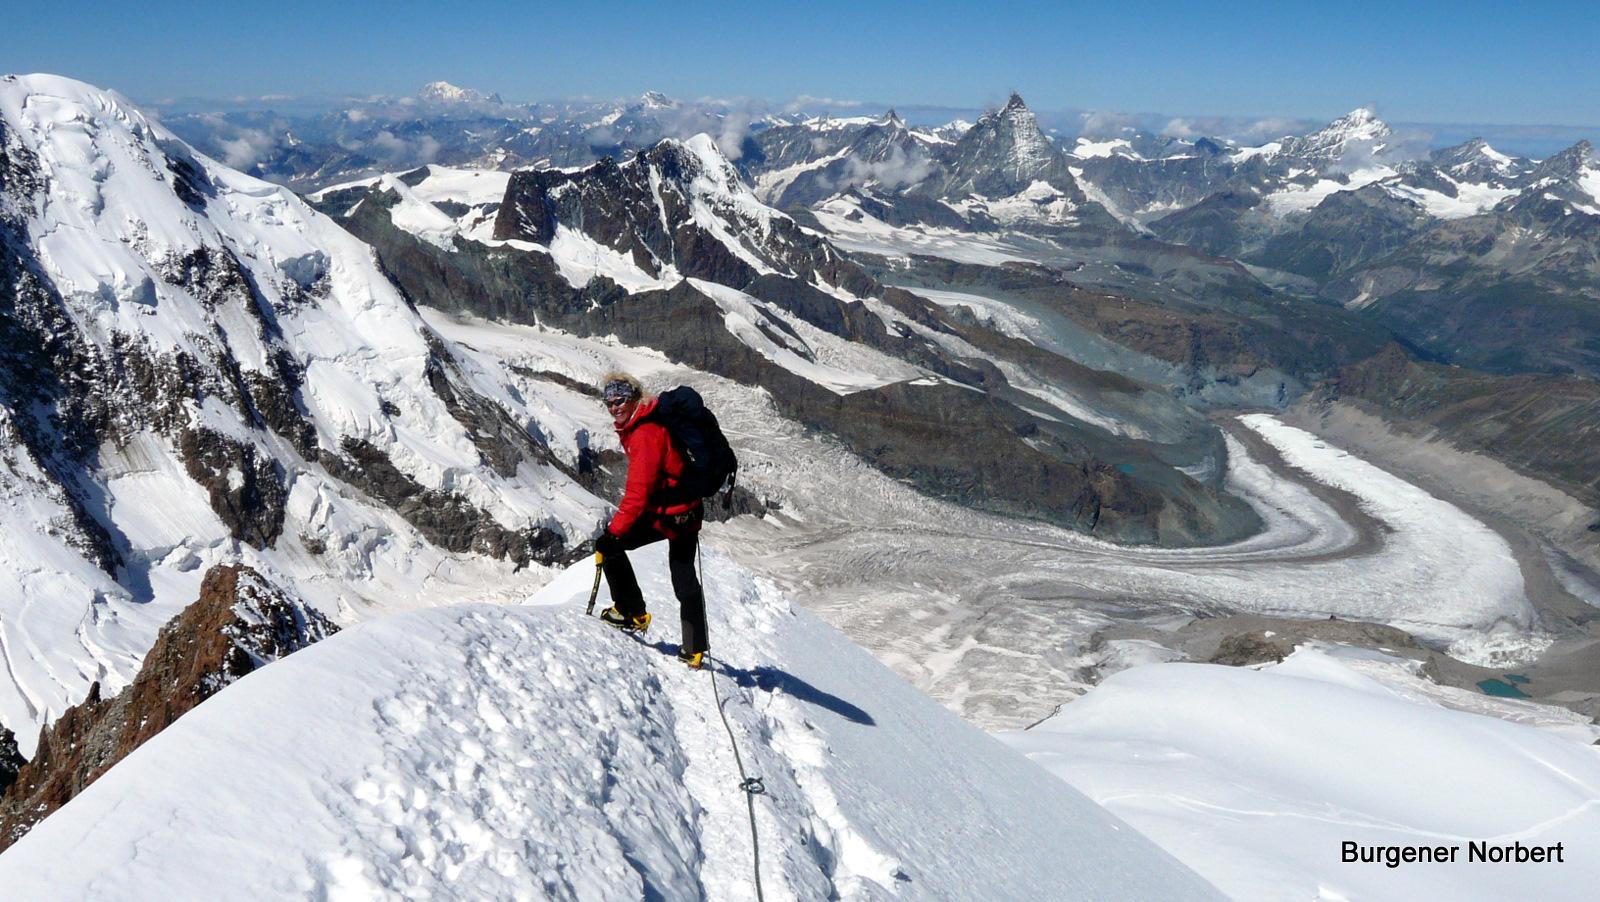 Tina beim Abstieg von der Dufourspitze.